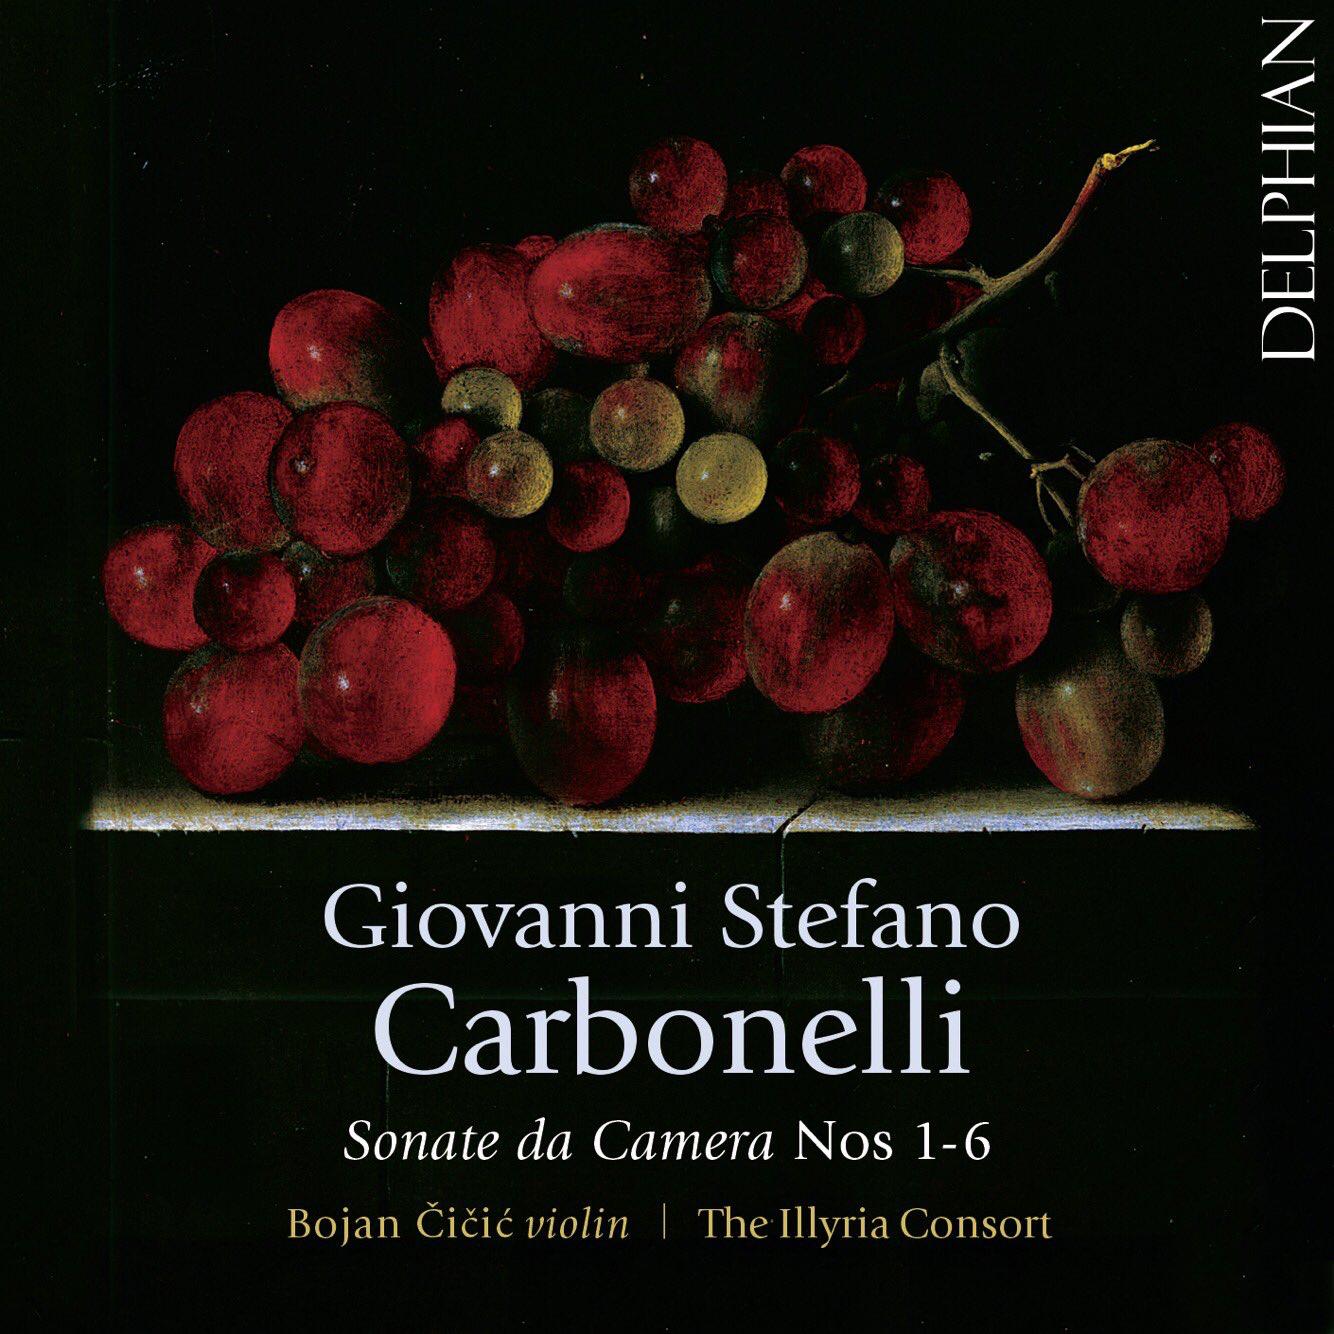 Carbonelli.jpg